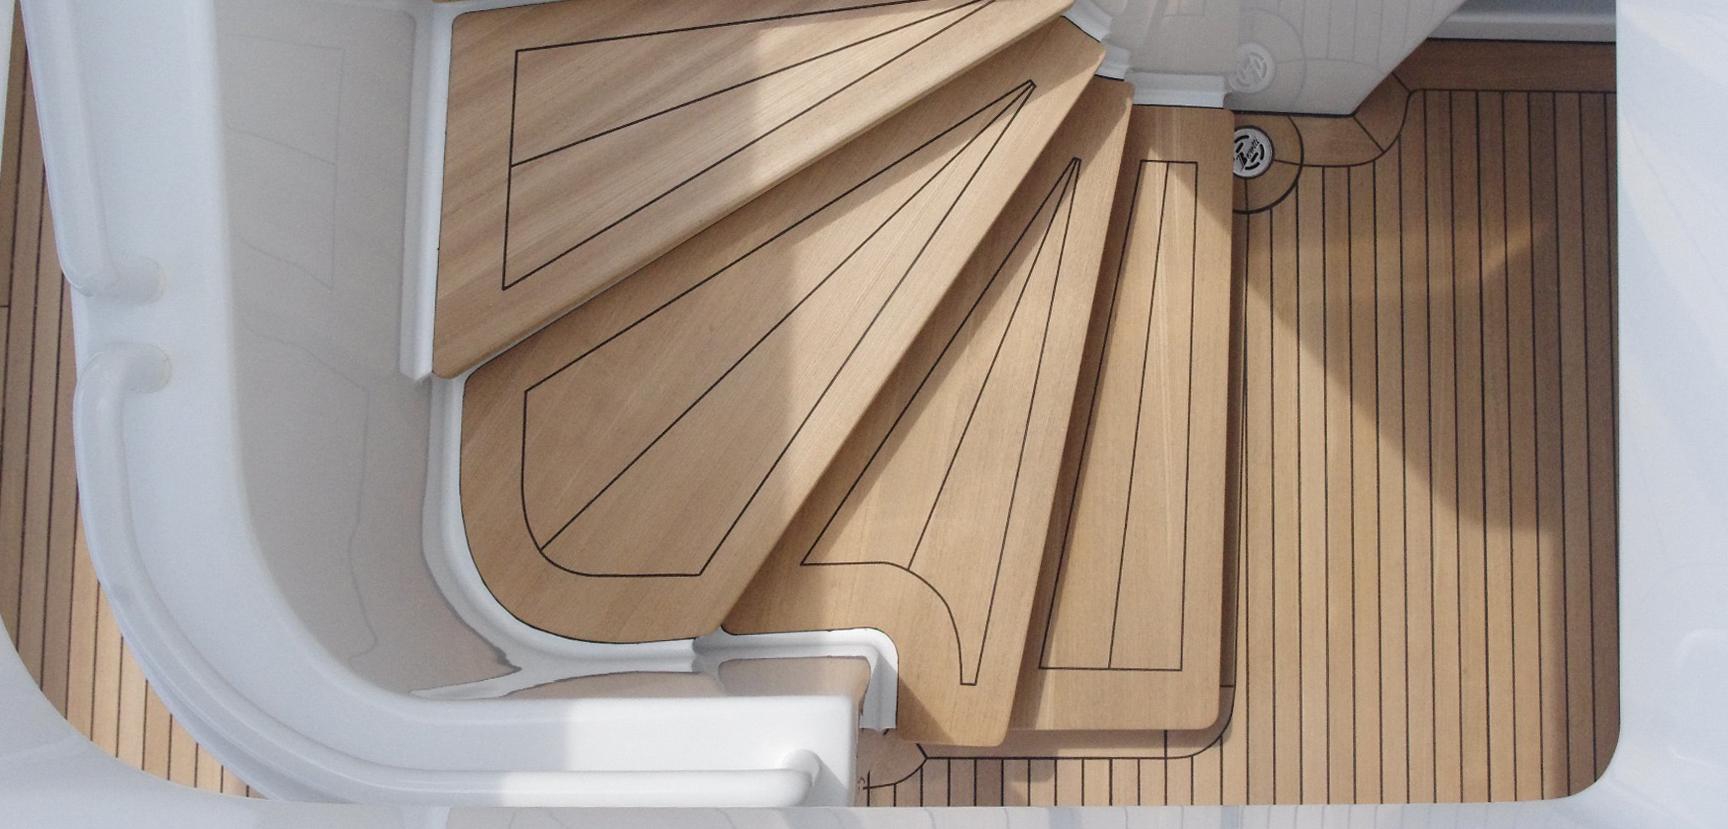 Joint de finition et calfatage d'escalier en teck